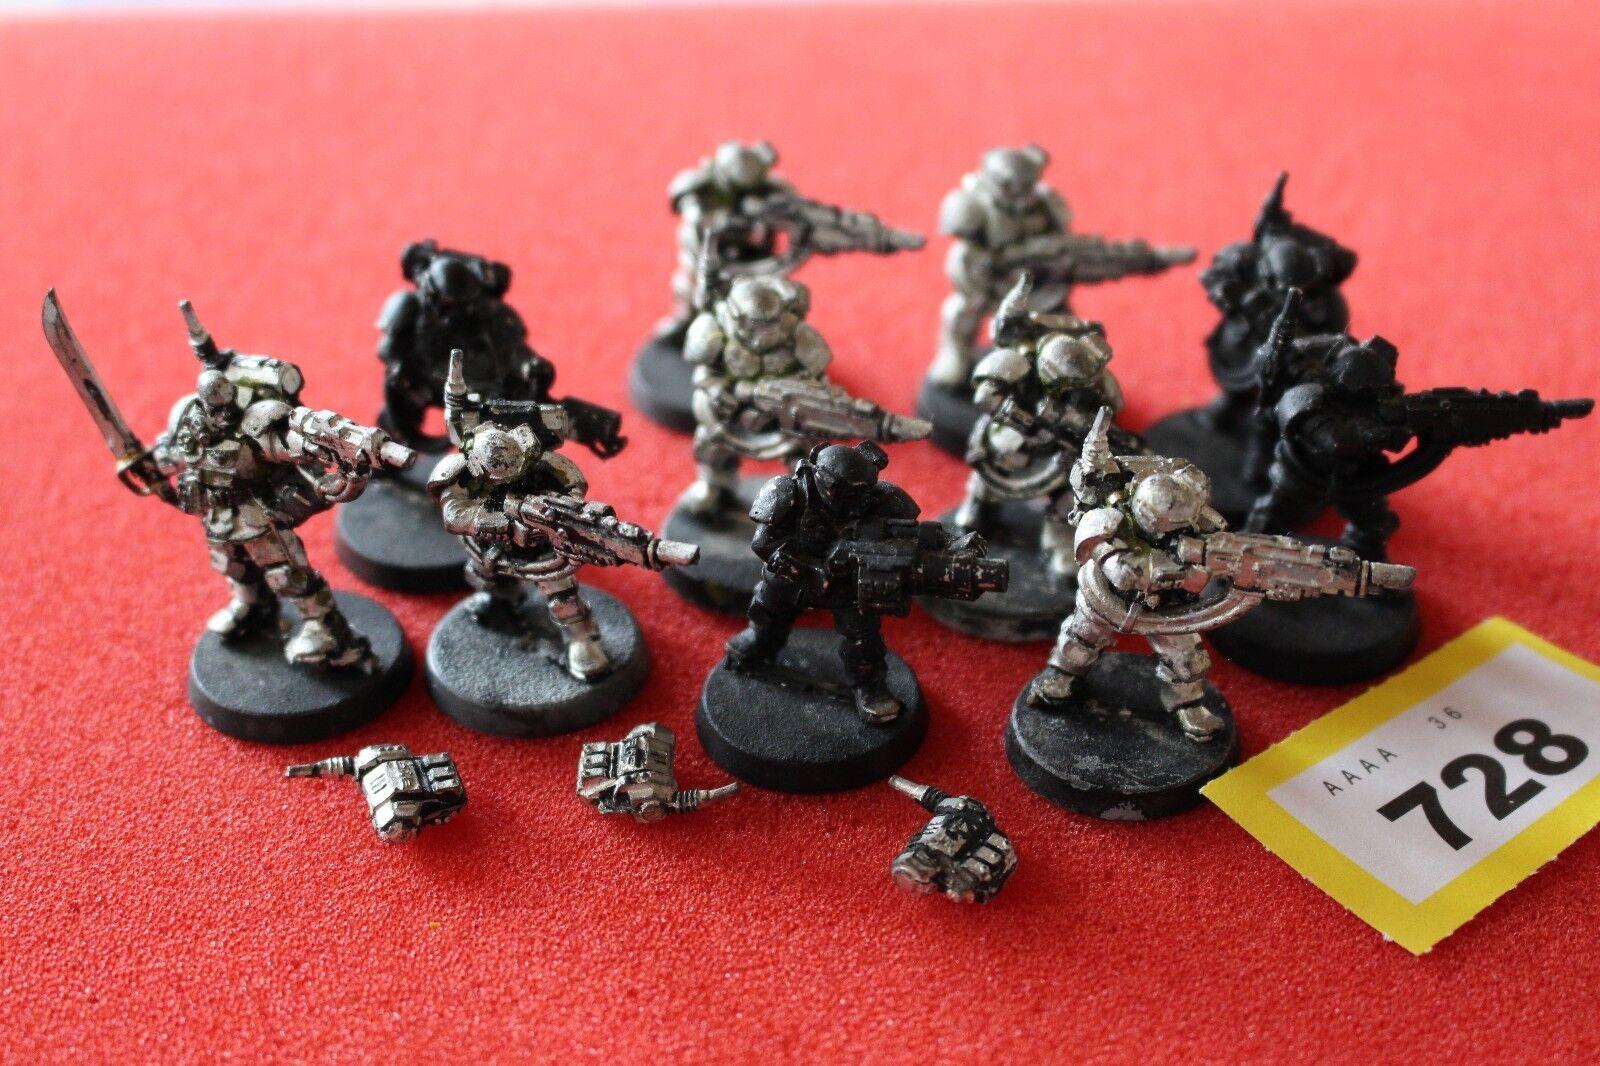 giocos lavoronegozio WARHAMMER 40k kasrkin Stormtrooper  Squad di mettuttio 11 cifra fuori catalogo  fino al 60% di sconto